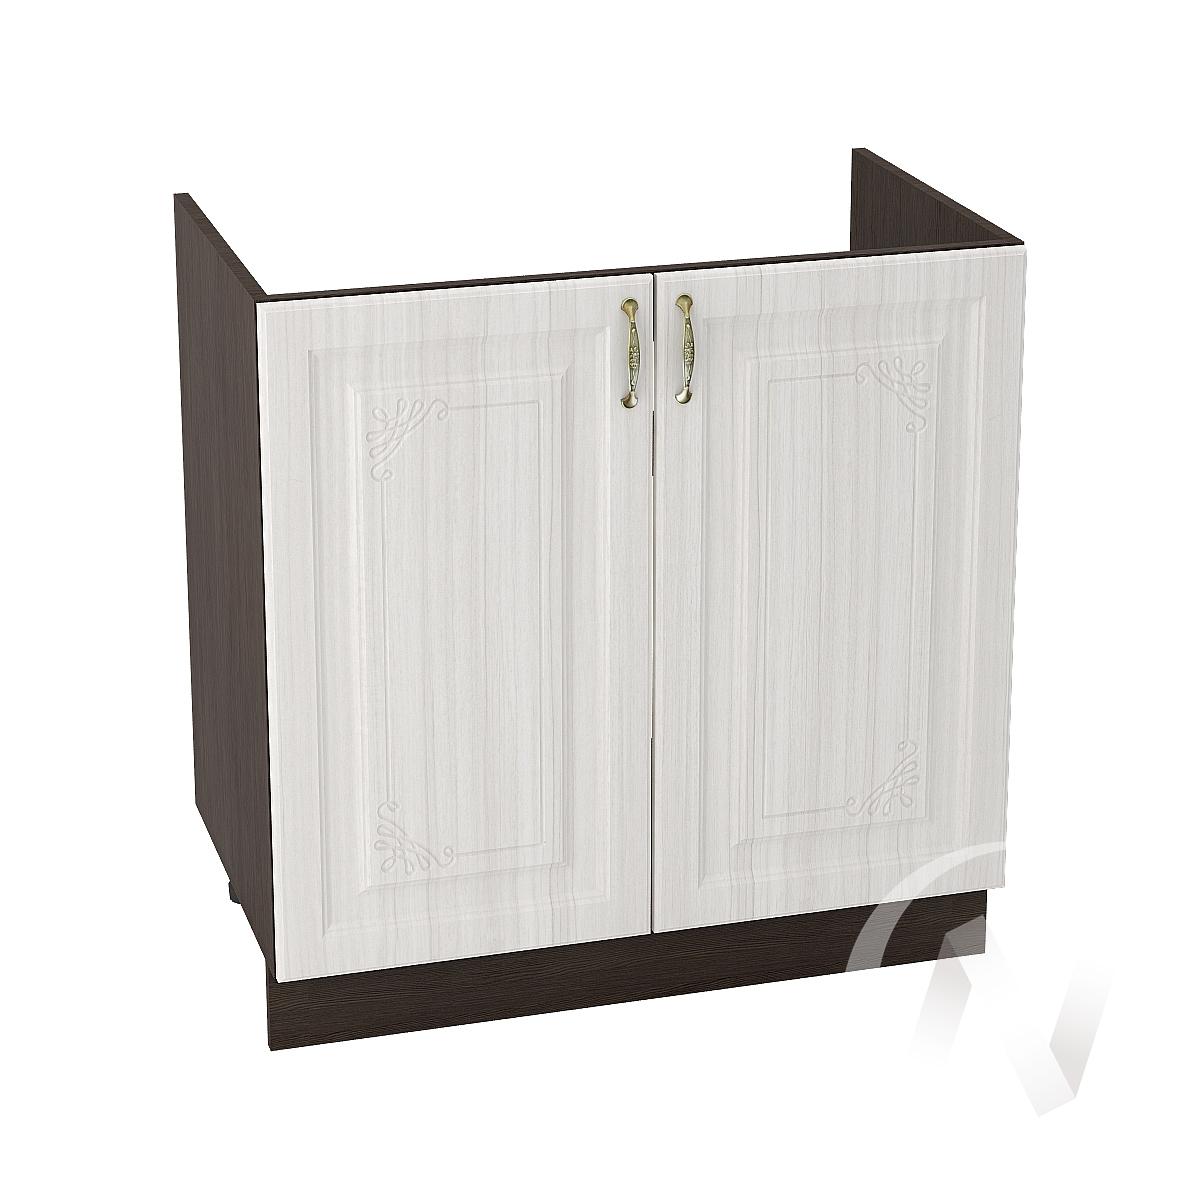 """Кухня """"Виктория"""": Шкаф нижний под мойку 800, ШНМ 800 (корпус венге)"""